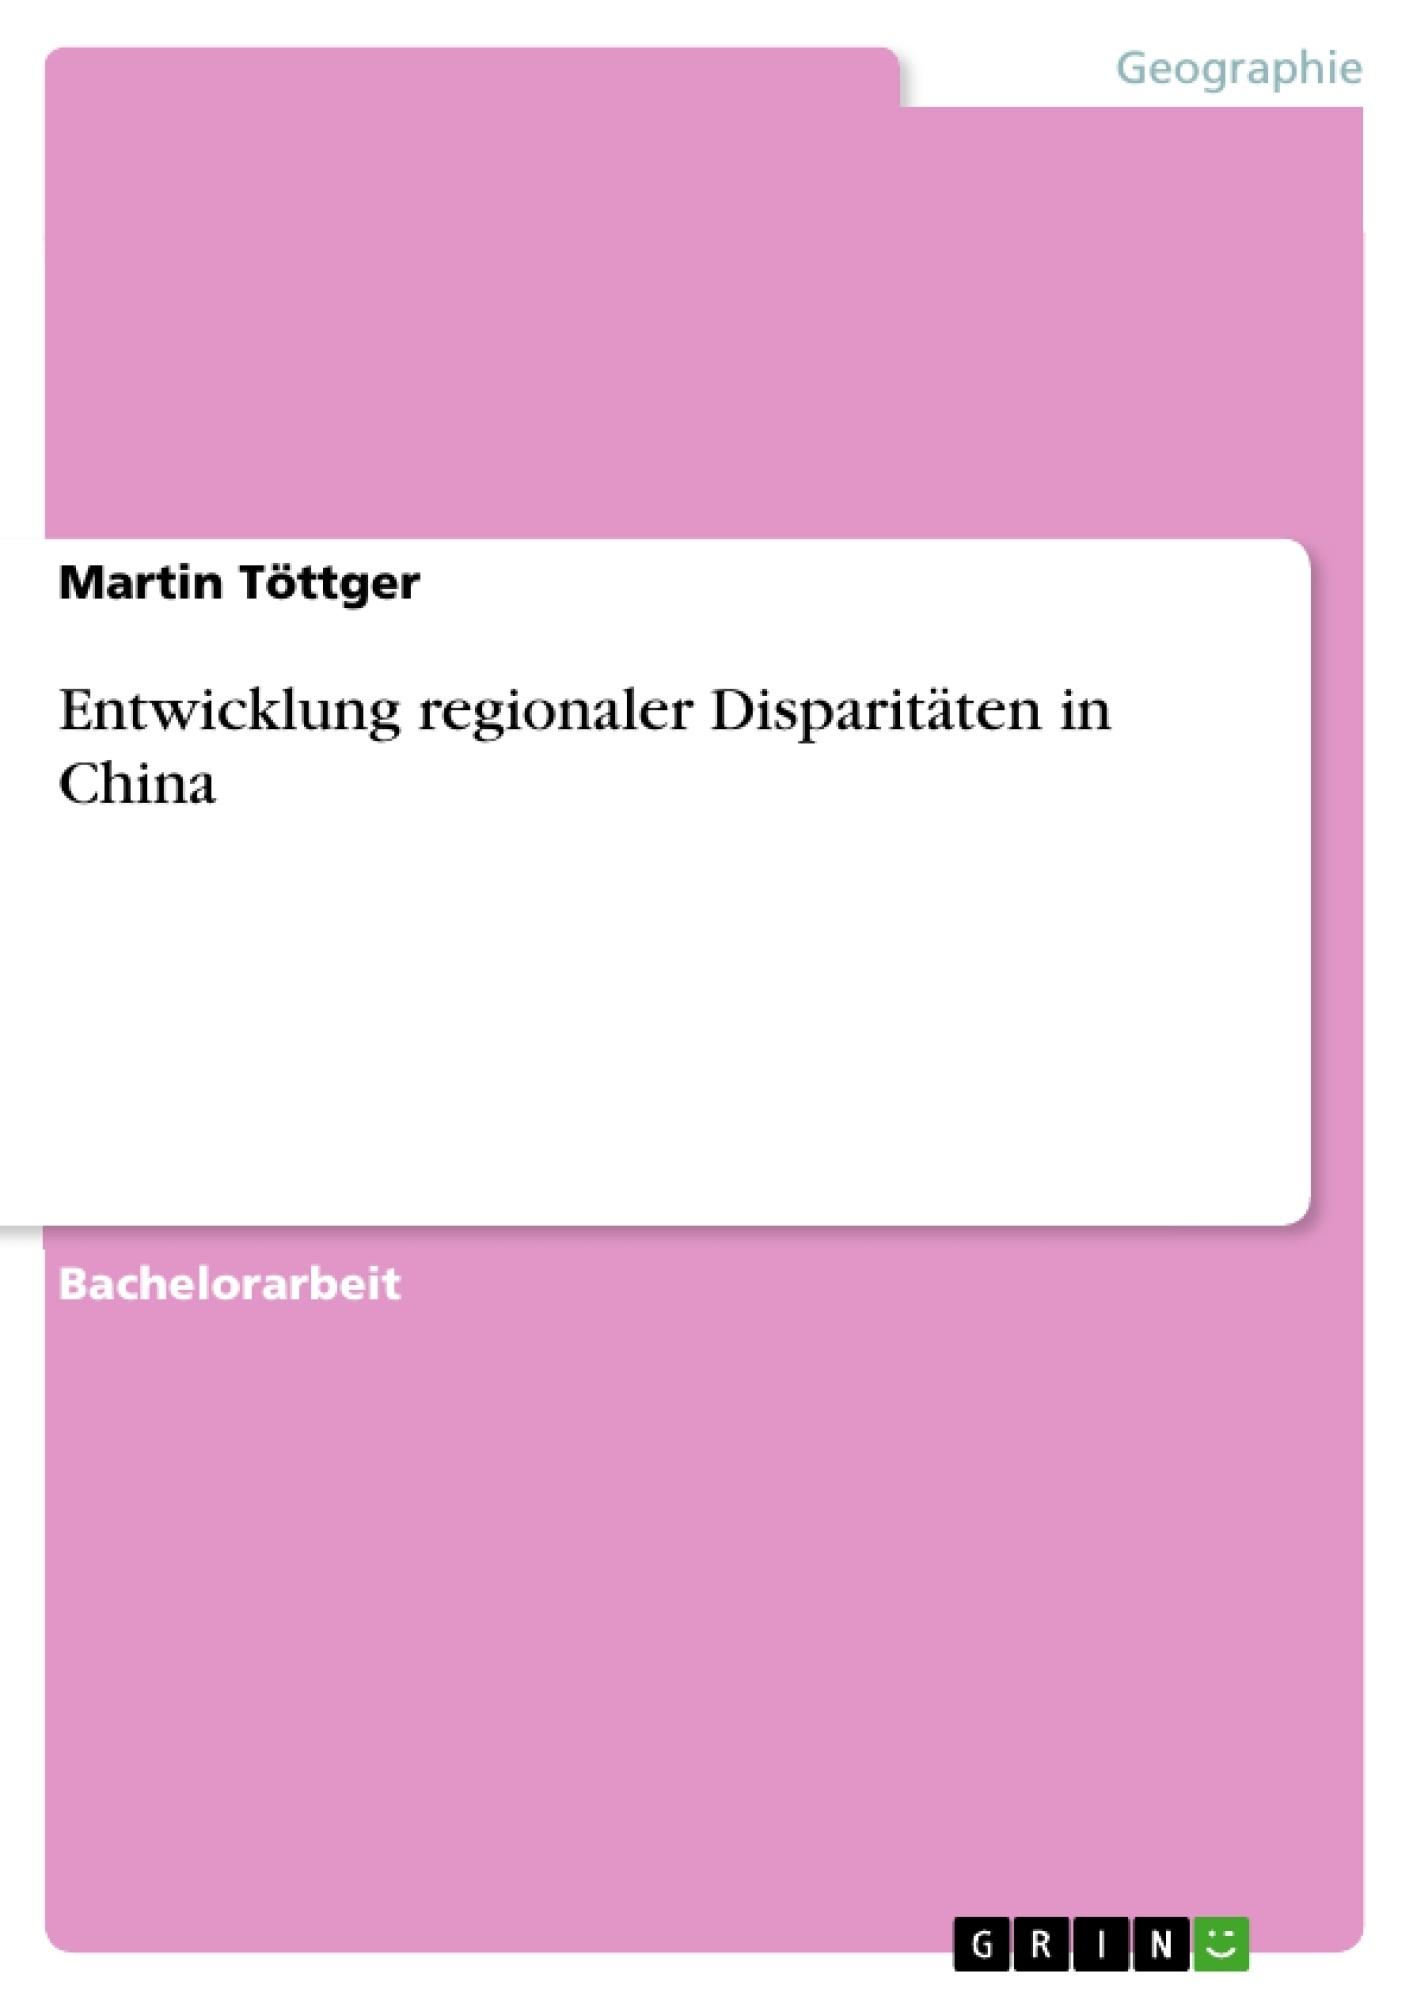 Titel: Entwicklung regionaler Disparitäten in China